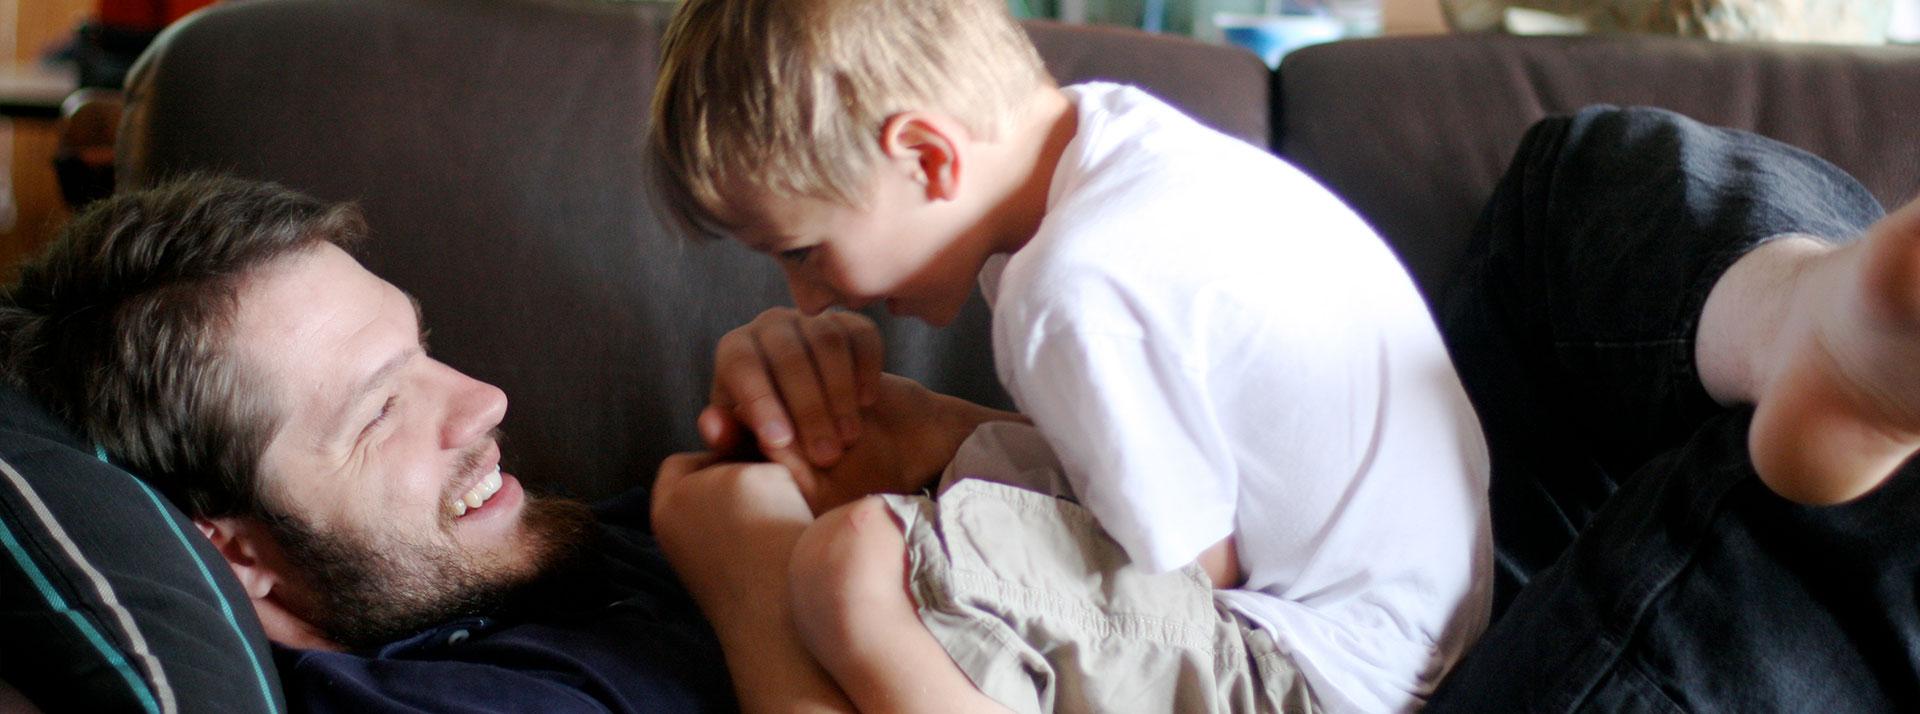 Сын сосает отца, Отец делает минет своему сыну 14 фотография